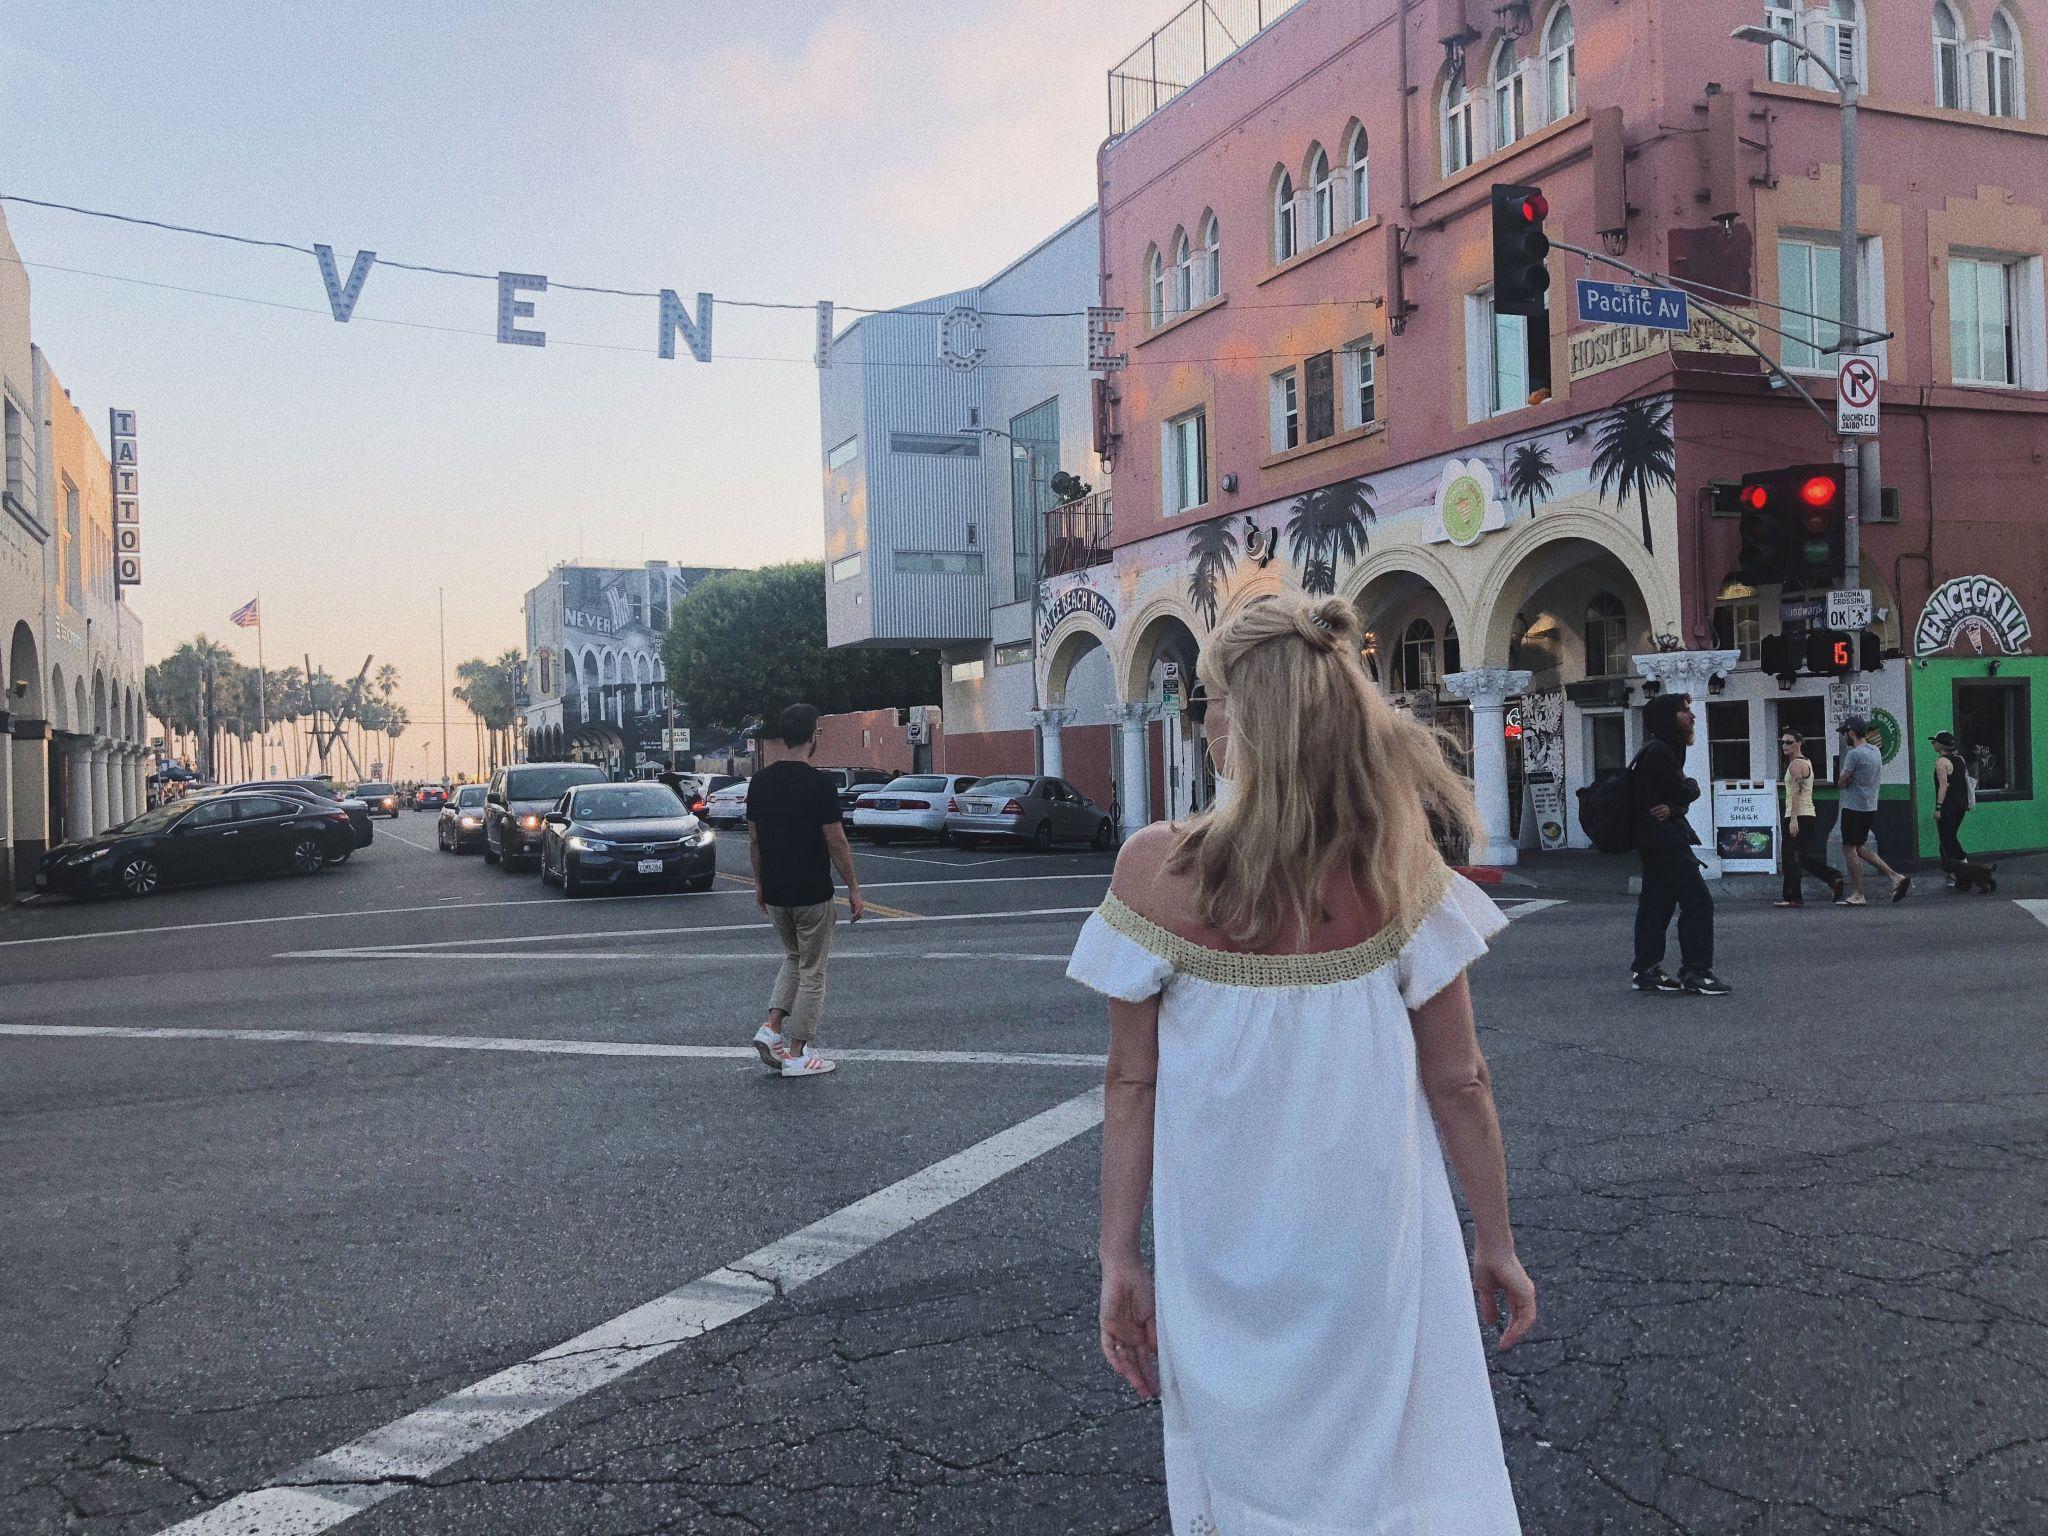 Los Angeles Tipps und Empfehlungen - Venice Sign - Reiseblog ü 40